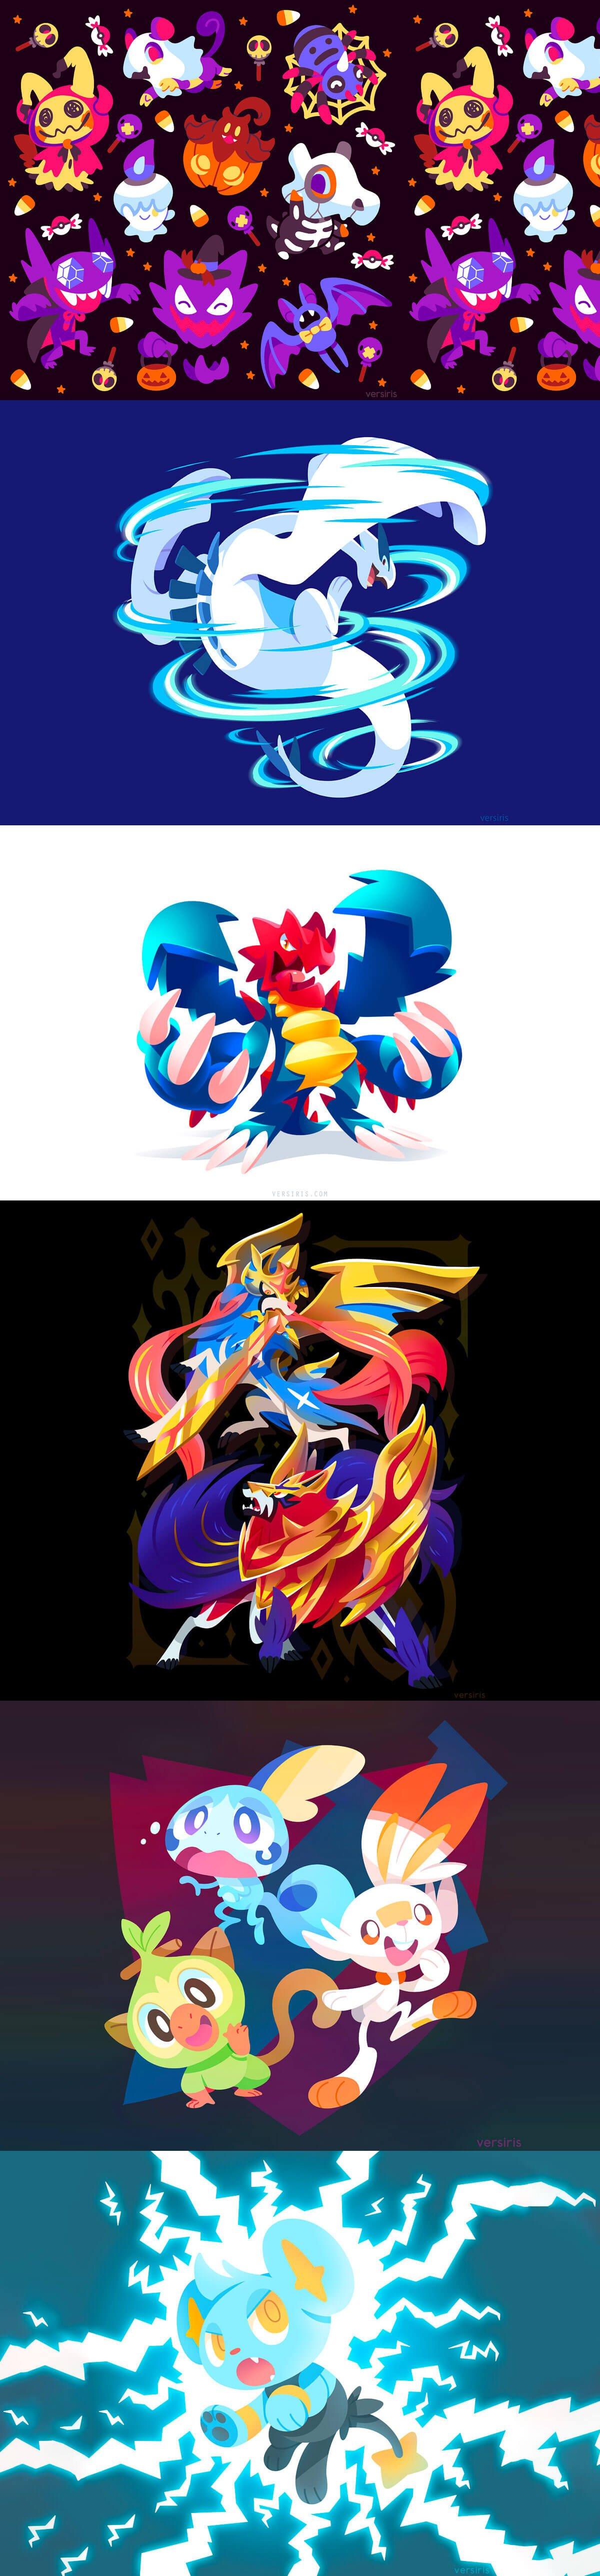 Pokemon Fan Art by Tanya Kozak